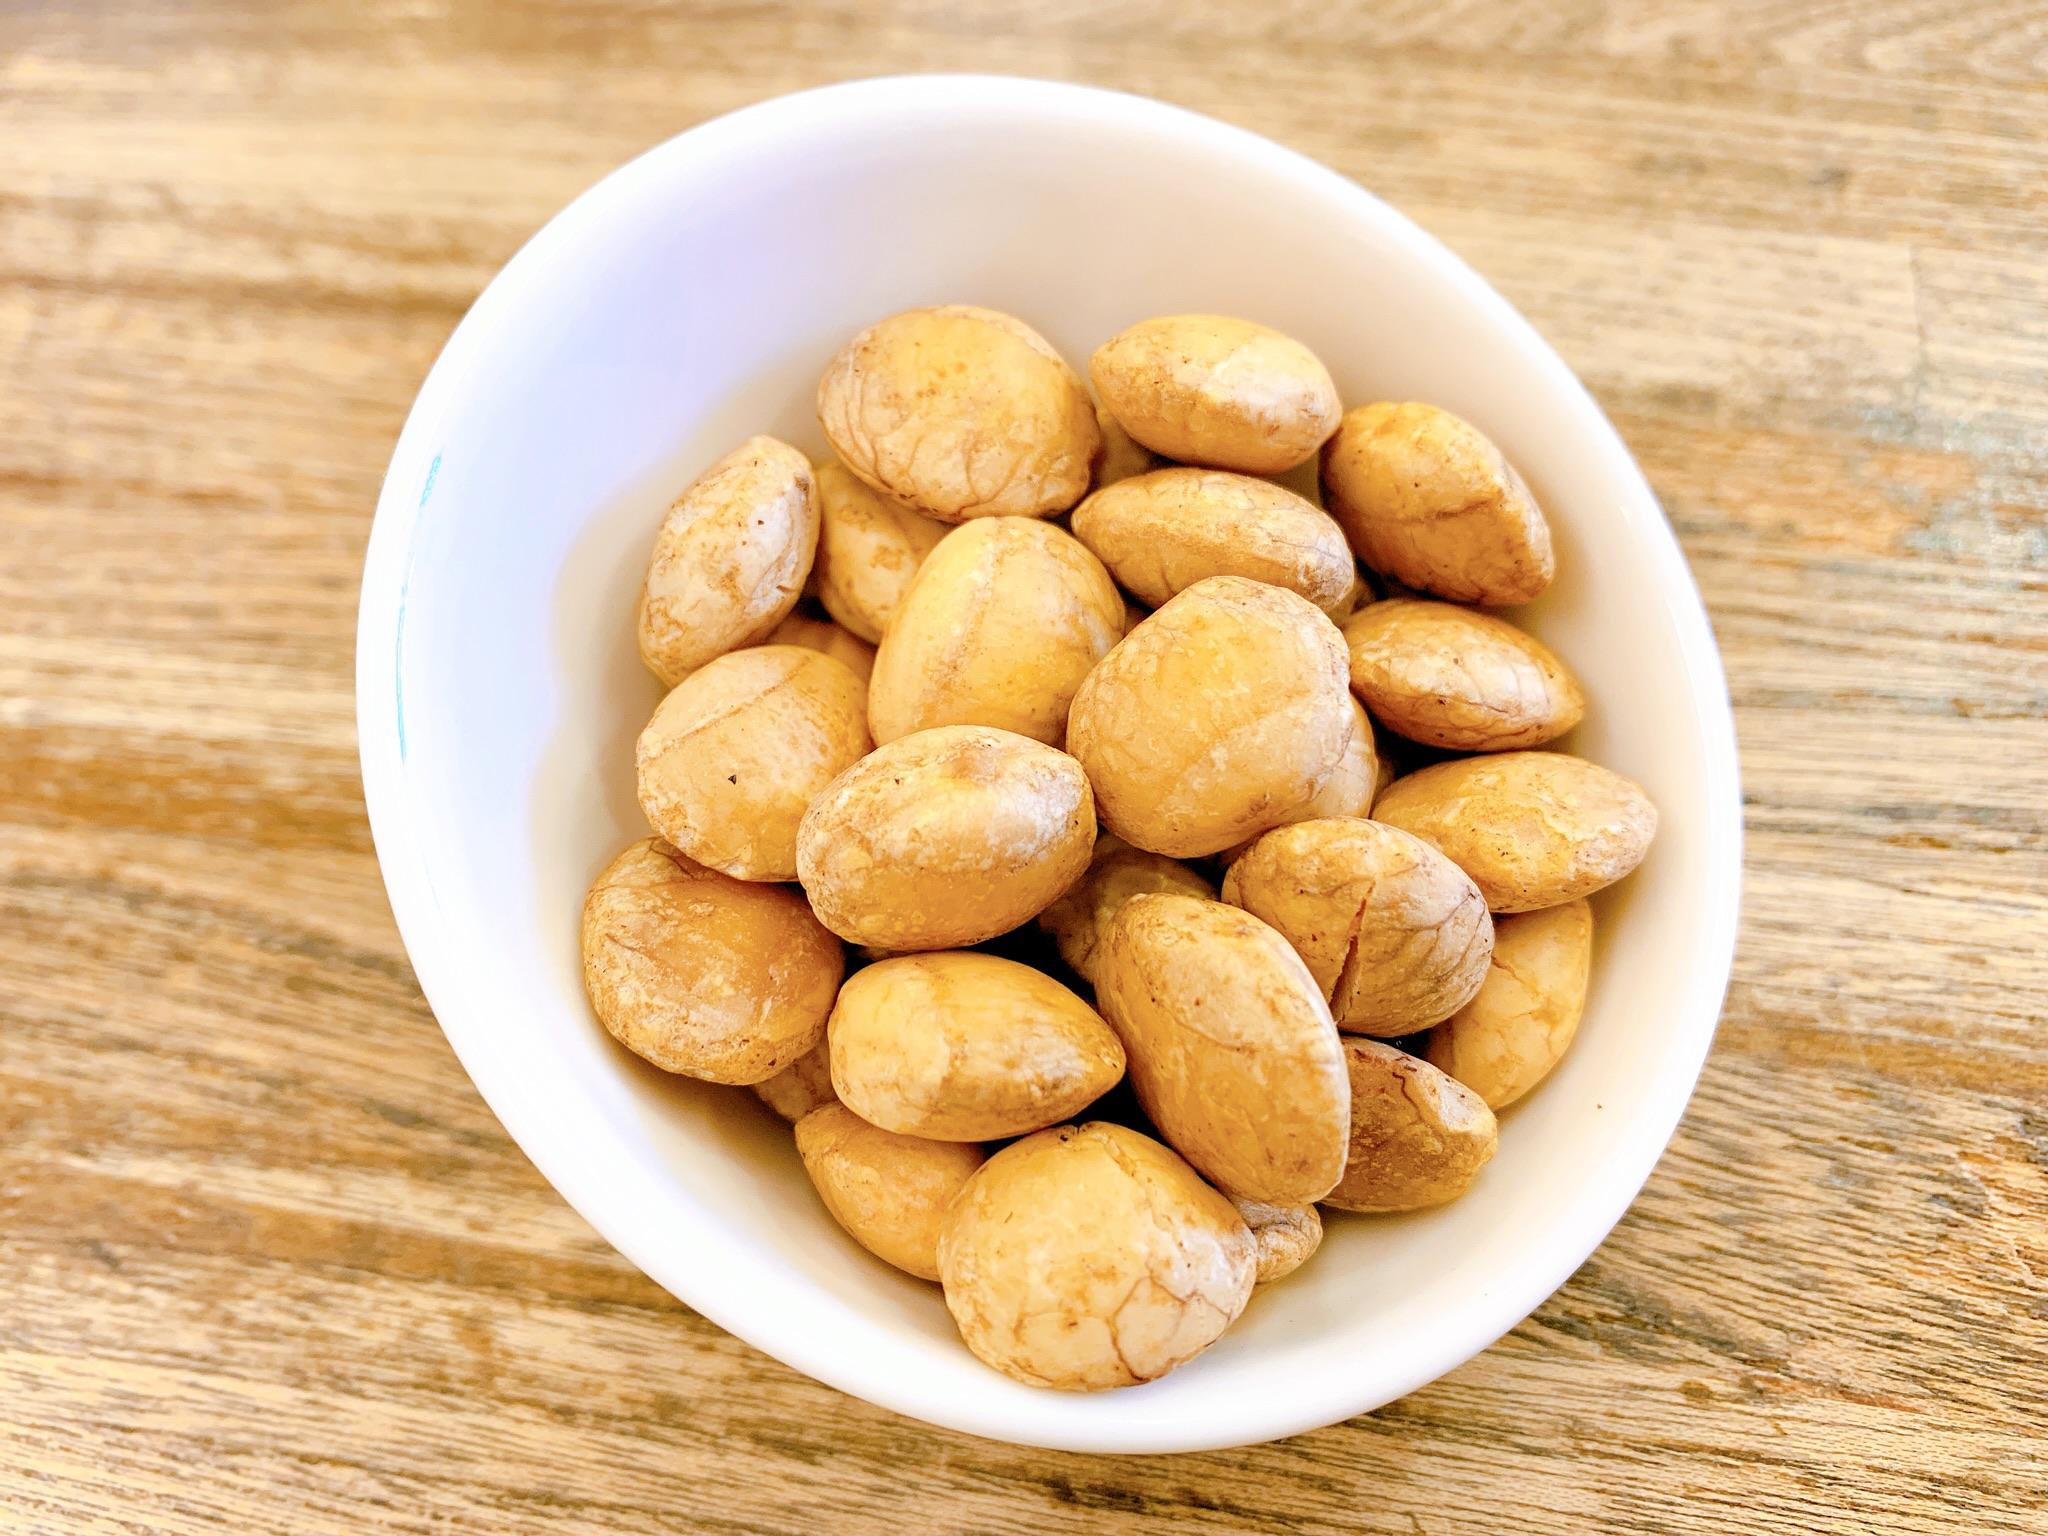 サチャインチナッツ(インカインチナッツ)(無塩)